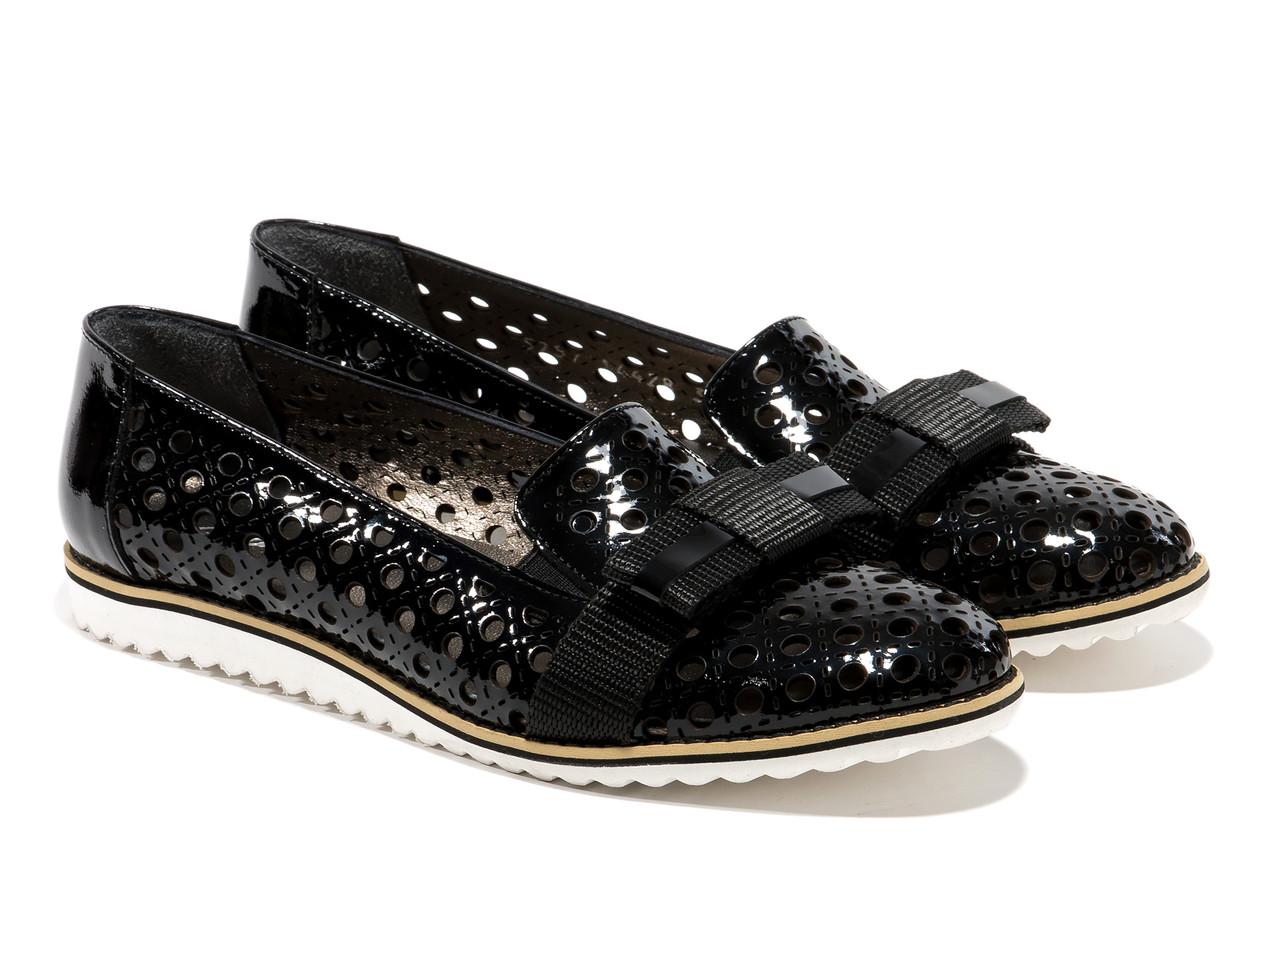 Туфлі Etor 5257-525 41 чорні